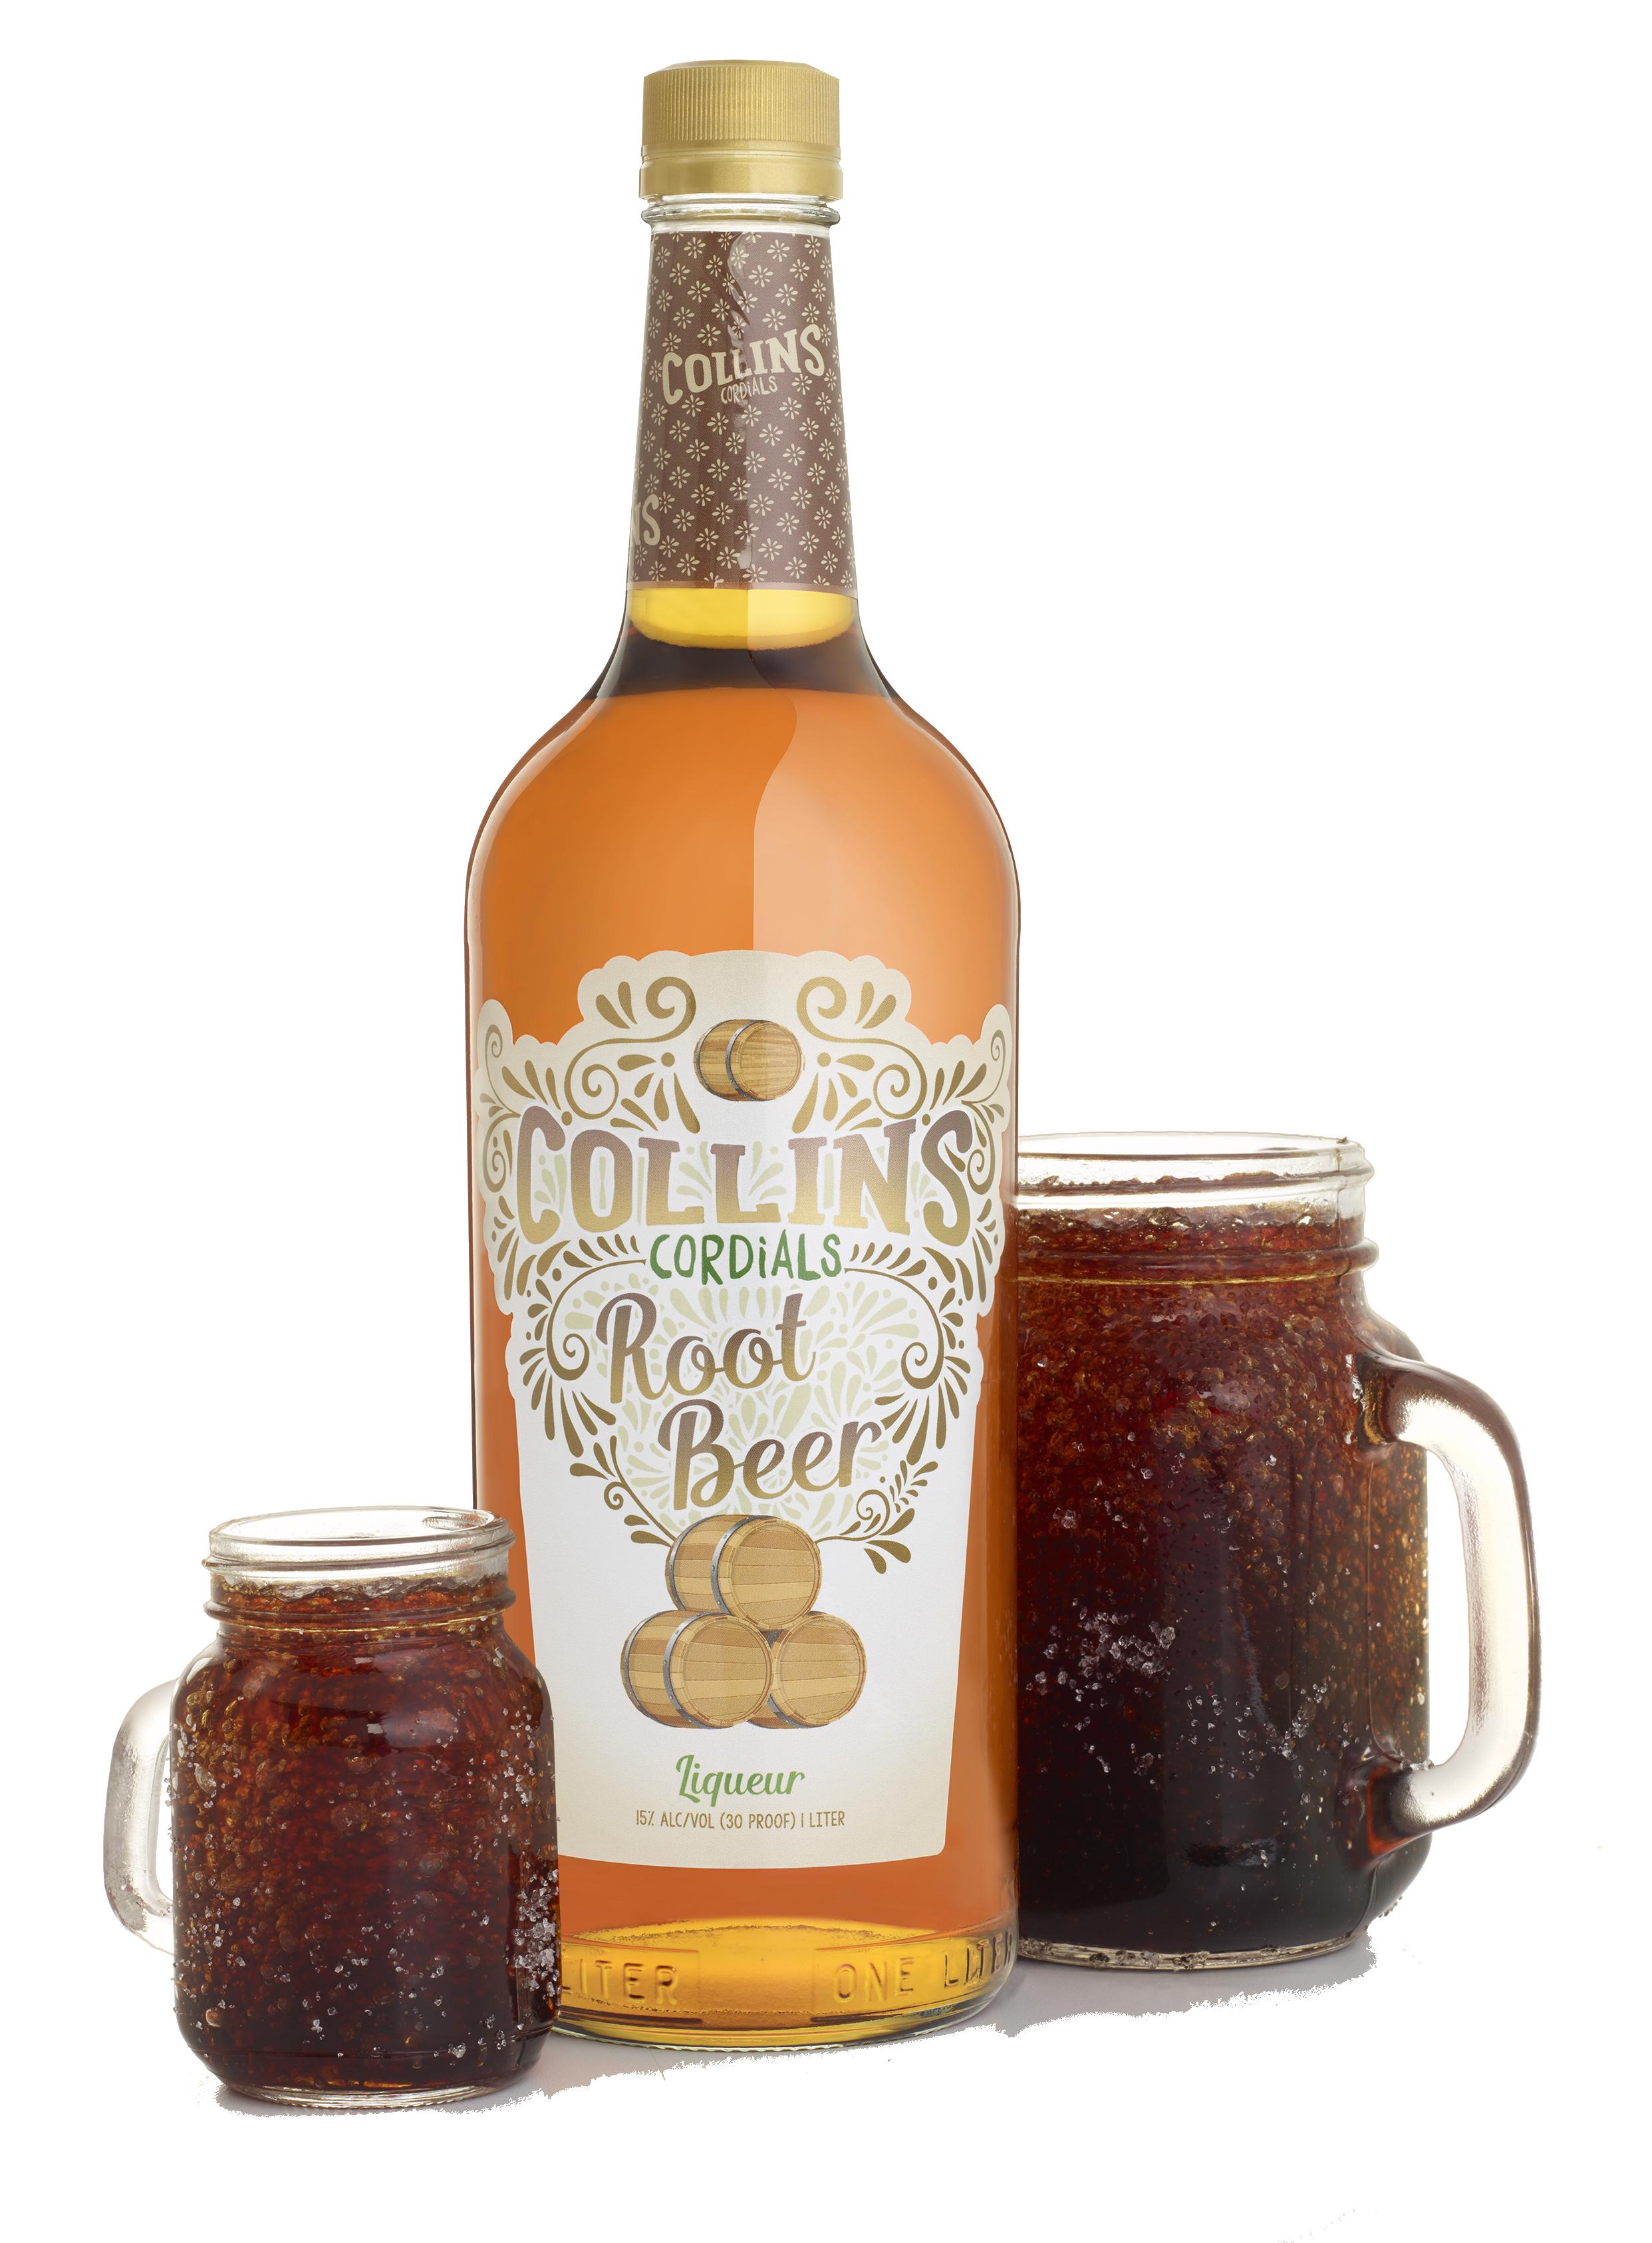 Root Beer Liqueur | Collins Cordials